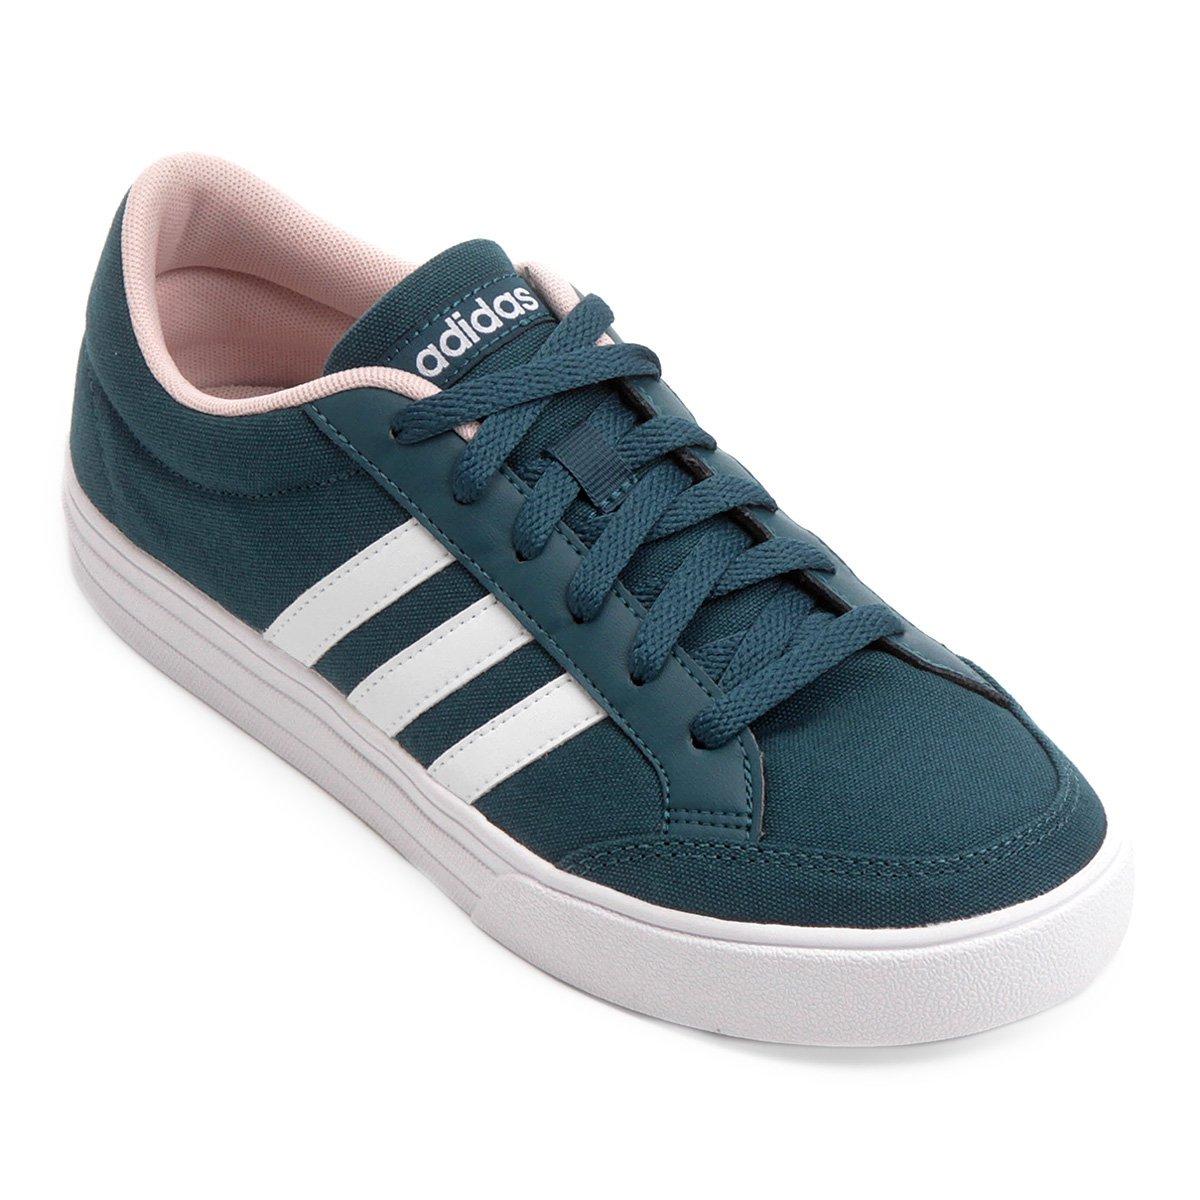 8024f71bfdc Tênis Adidas Vs Set W Feminino - Azul Petróleo - Compre Agora